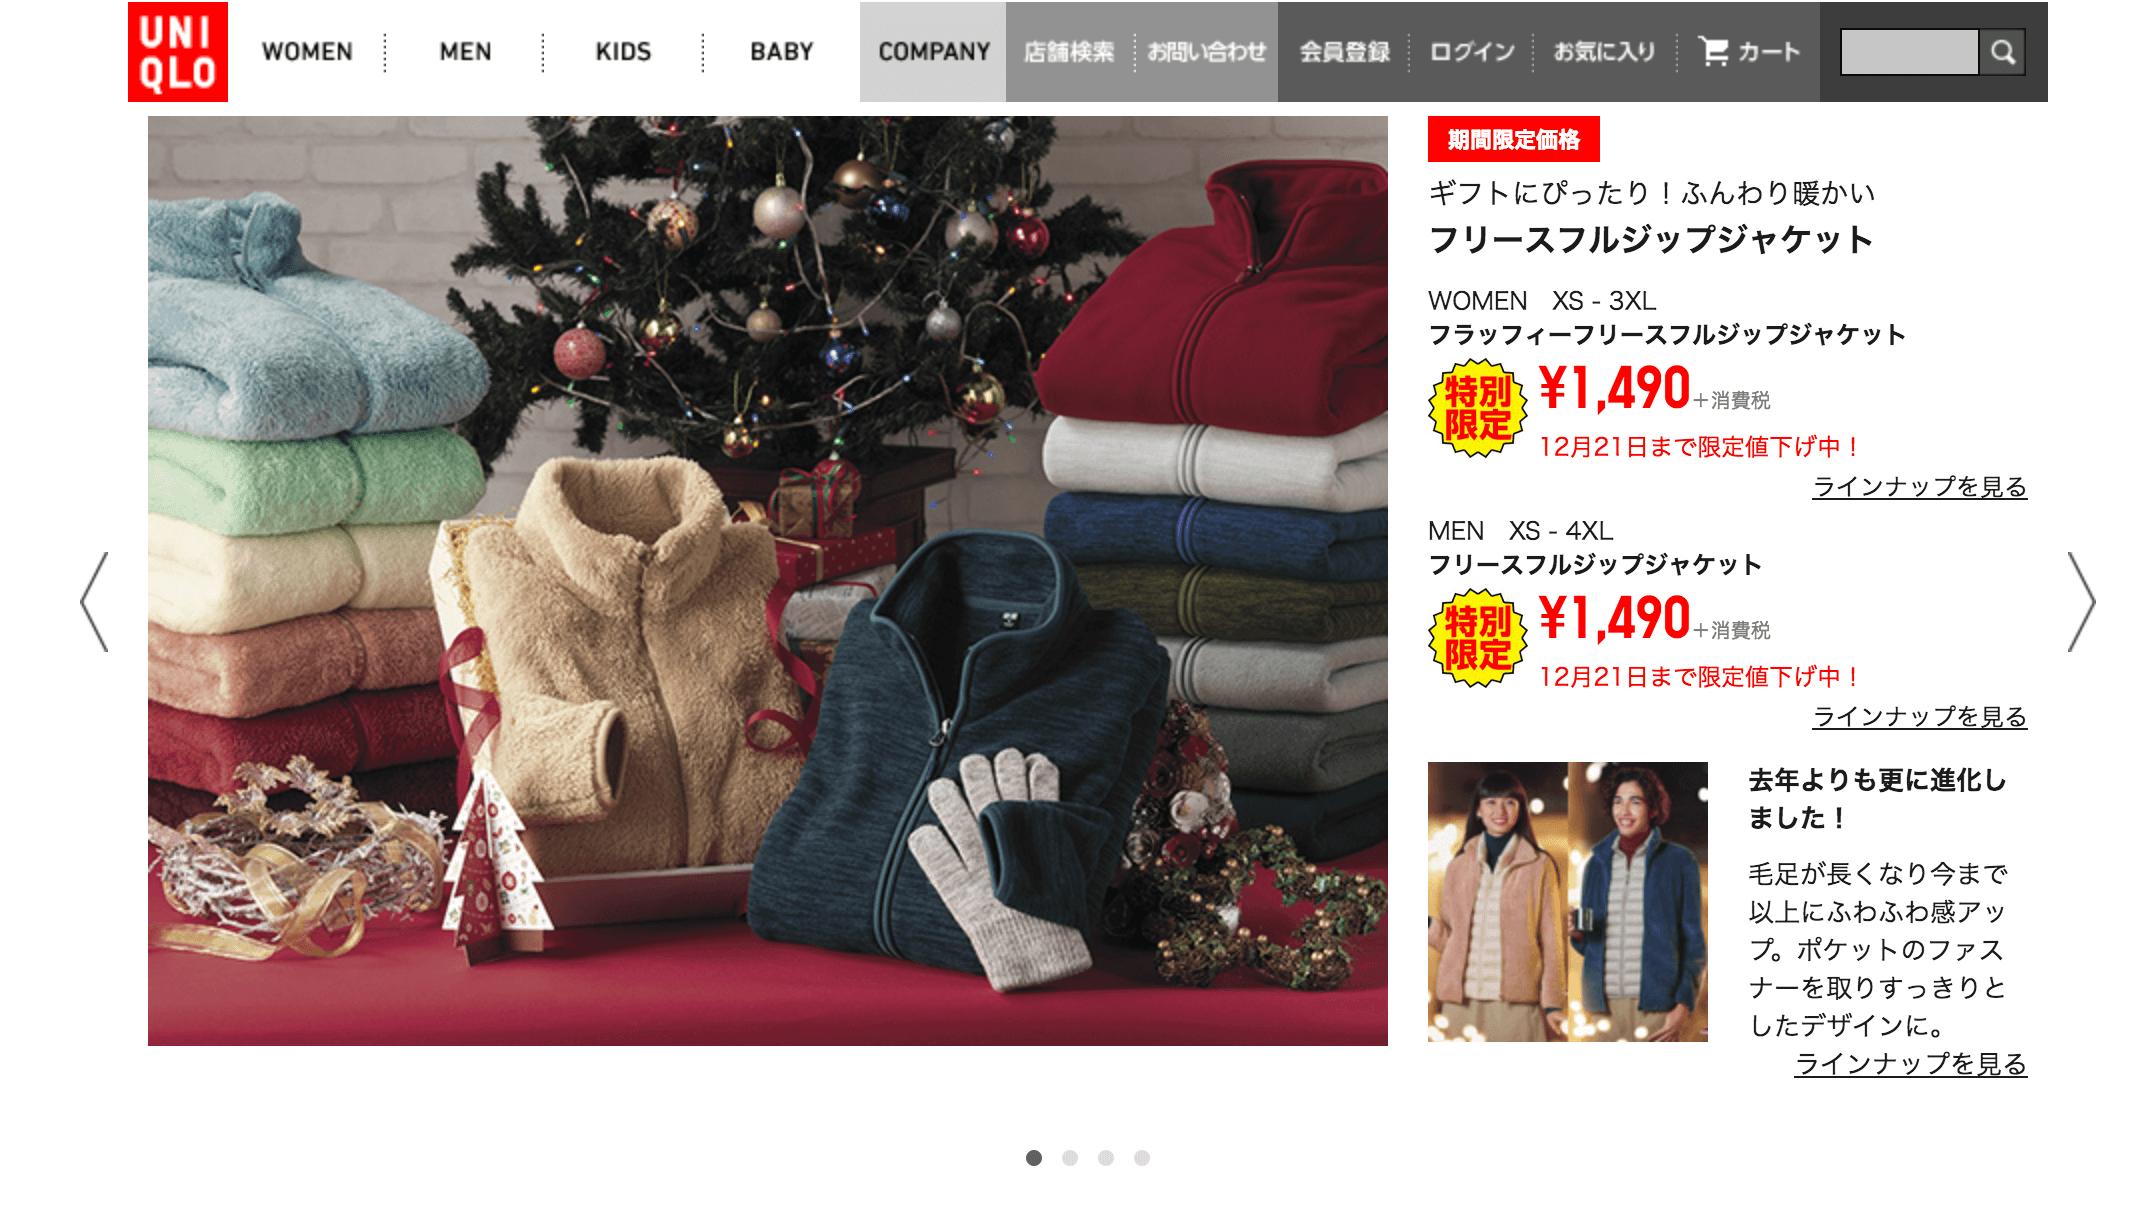 低価格ながらも大手ブランドの安心感「ユニクロ」